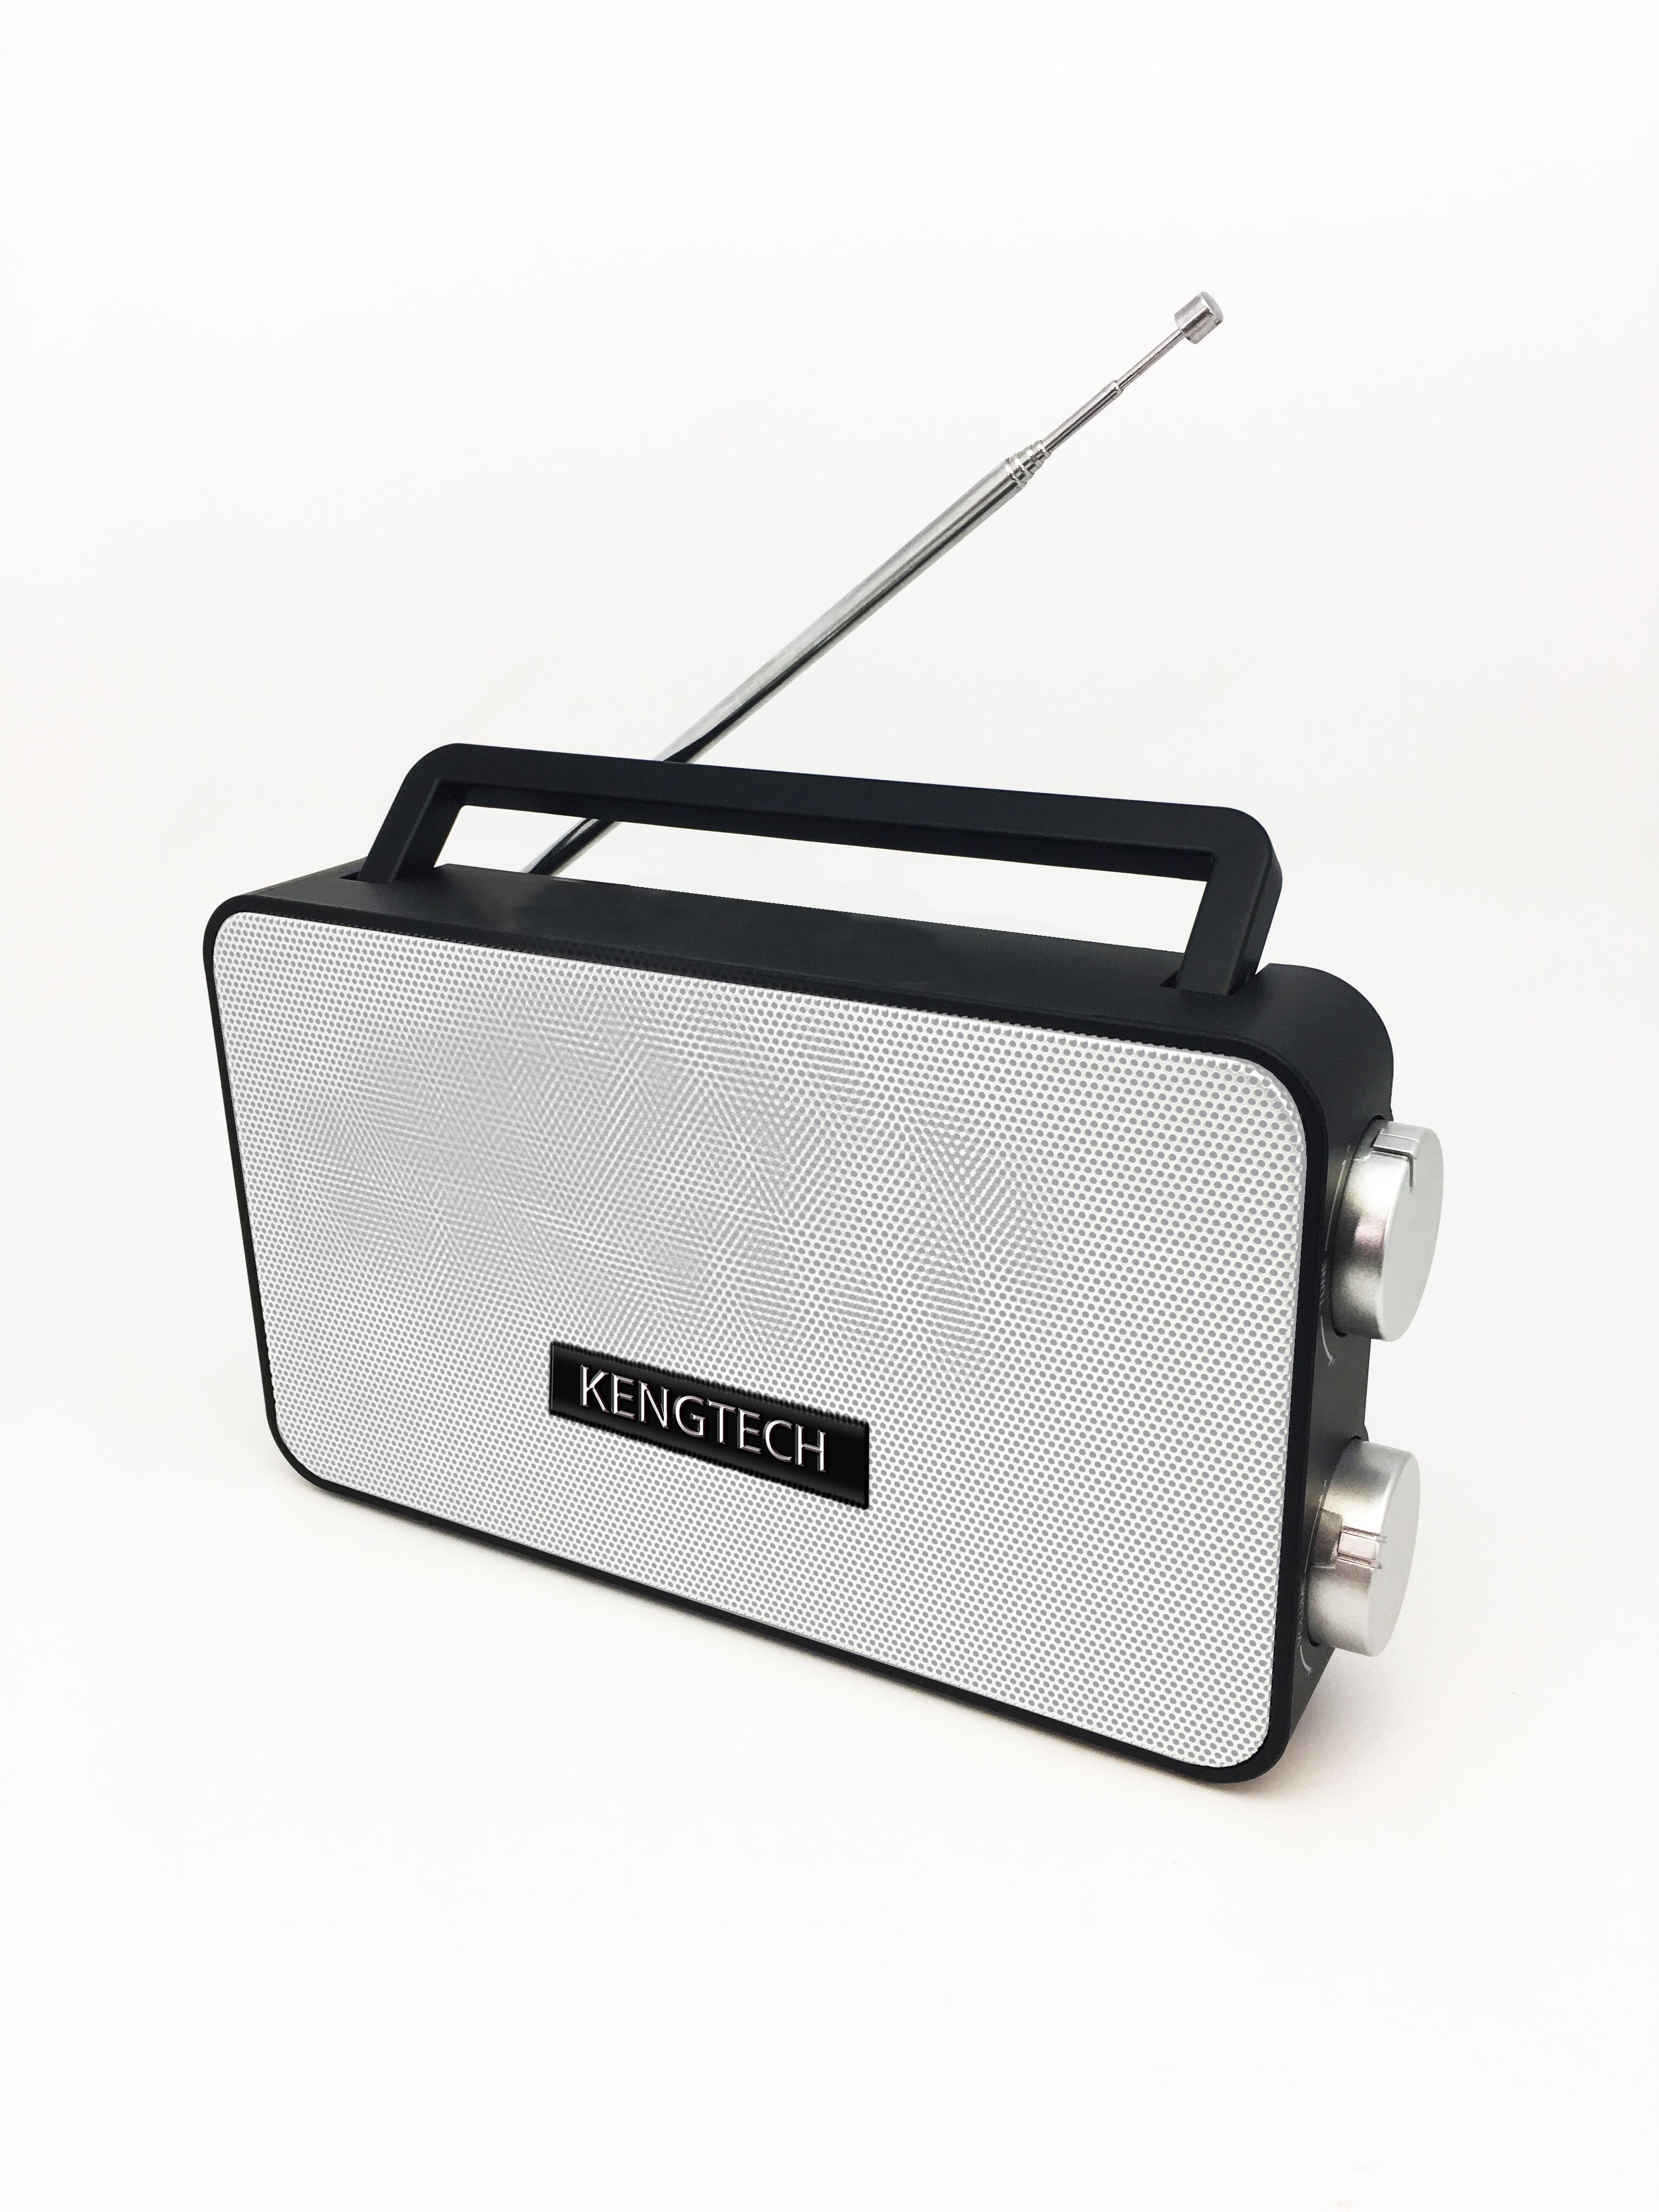 CT2838AF Facelift Am_Fm Portable Radio.jpg